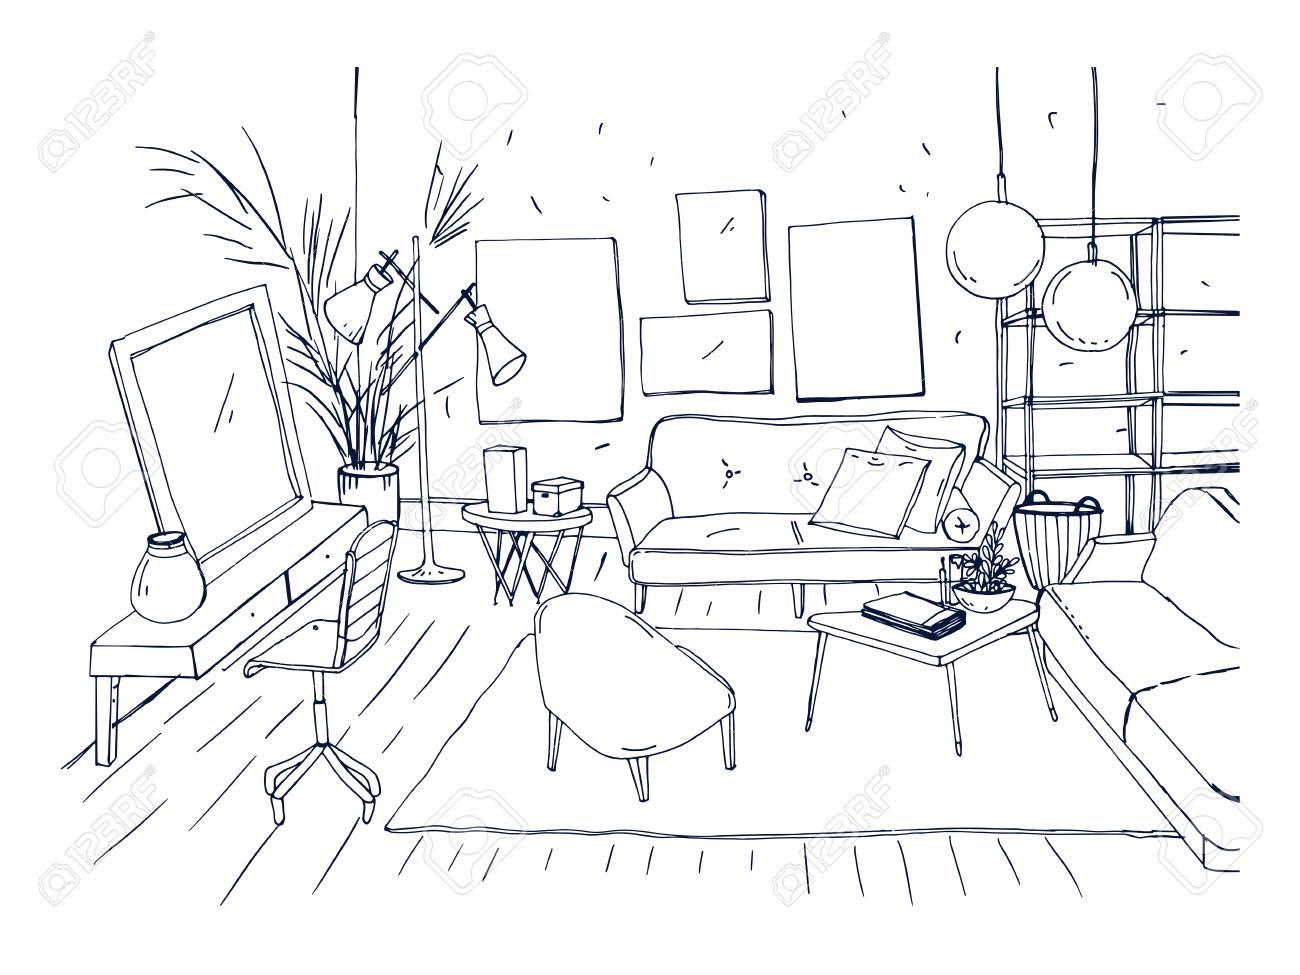 De Salon Dessiné Du ModernesCroquis Autres À La Main Dessin Basse Avec Monochrome Et L'appartement Meubles L'intérieur CanapéChaisesTable FTJ3lK1c